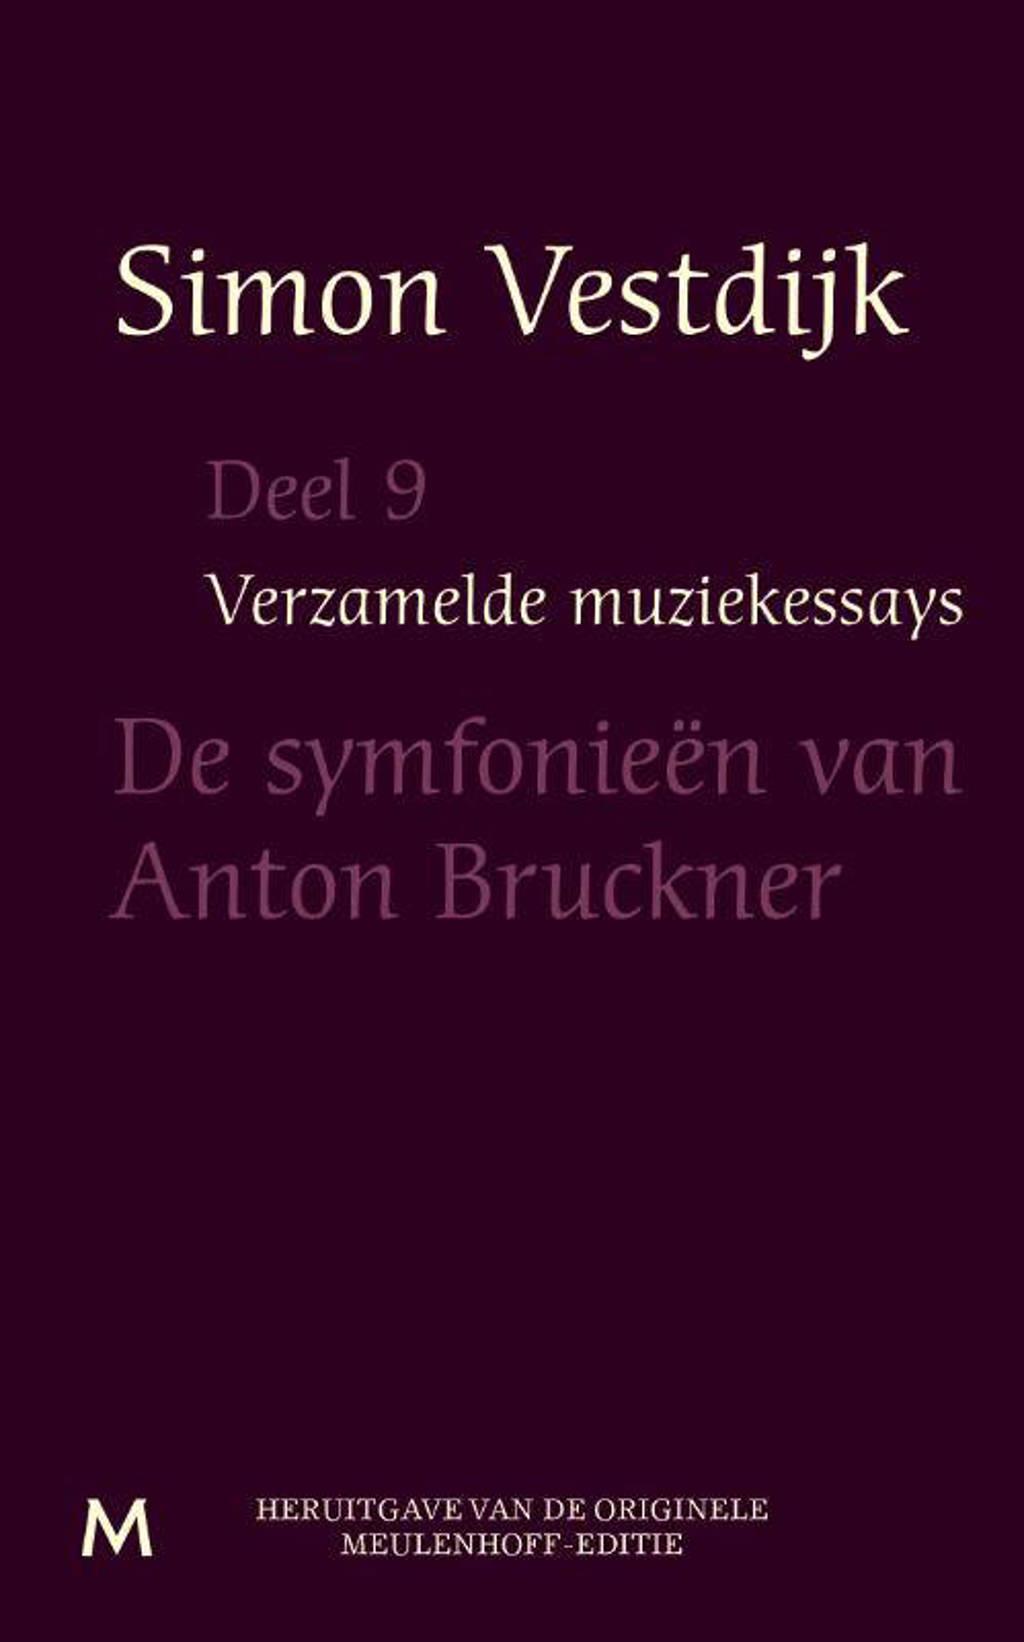 Verzamelde muziekessays: De symfonieën van Anton Bruckner - Simon Vestdijk